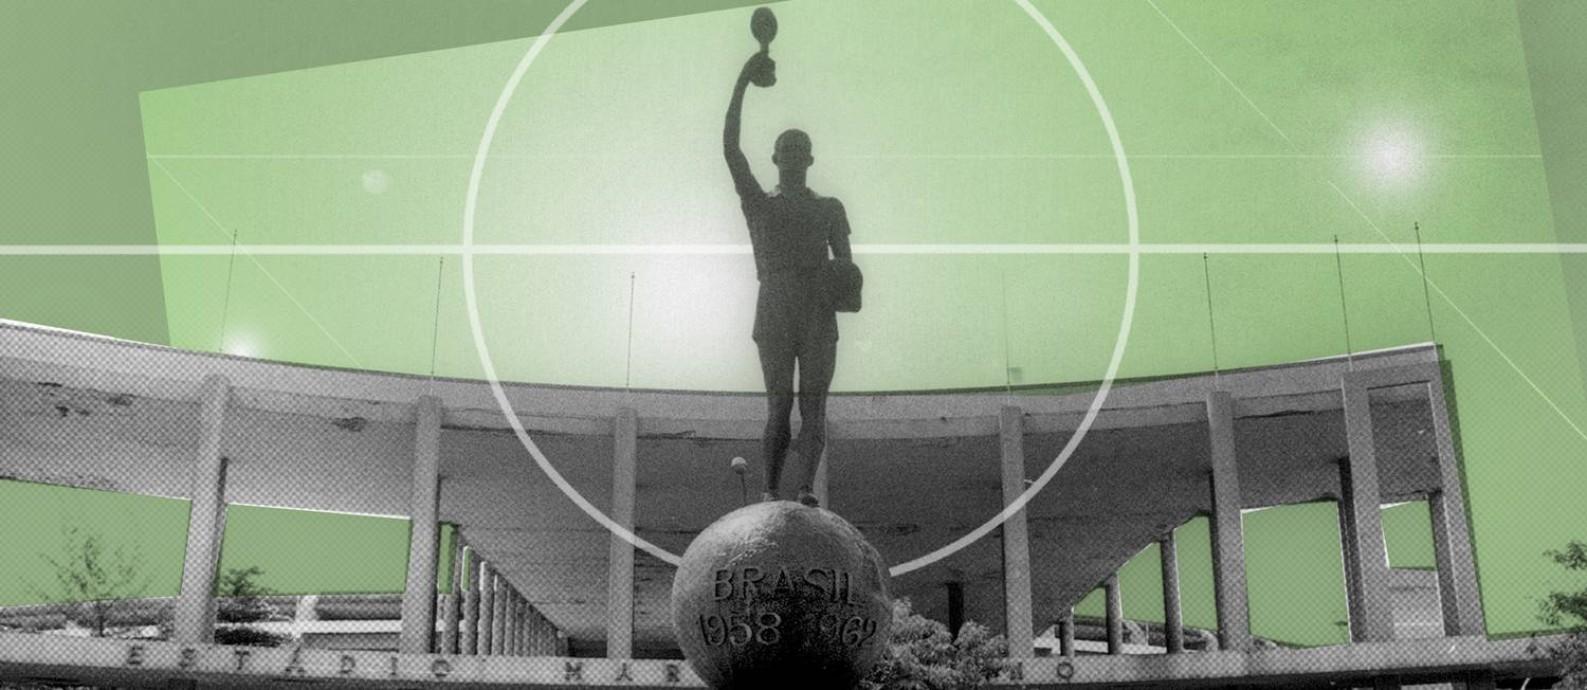 Os 70 maiores jogos da história do Maracanã Foto: Editoria de Arte